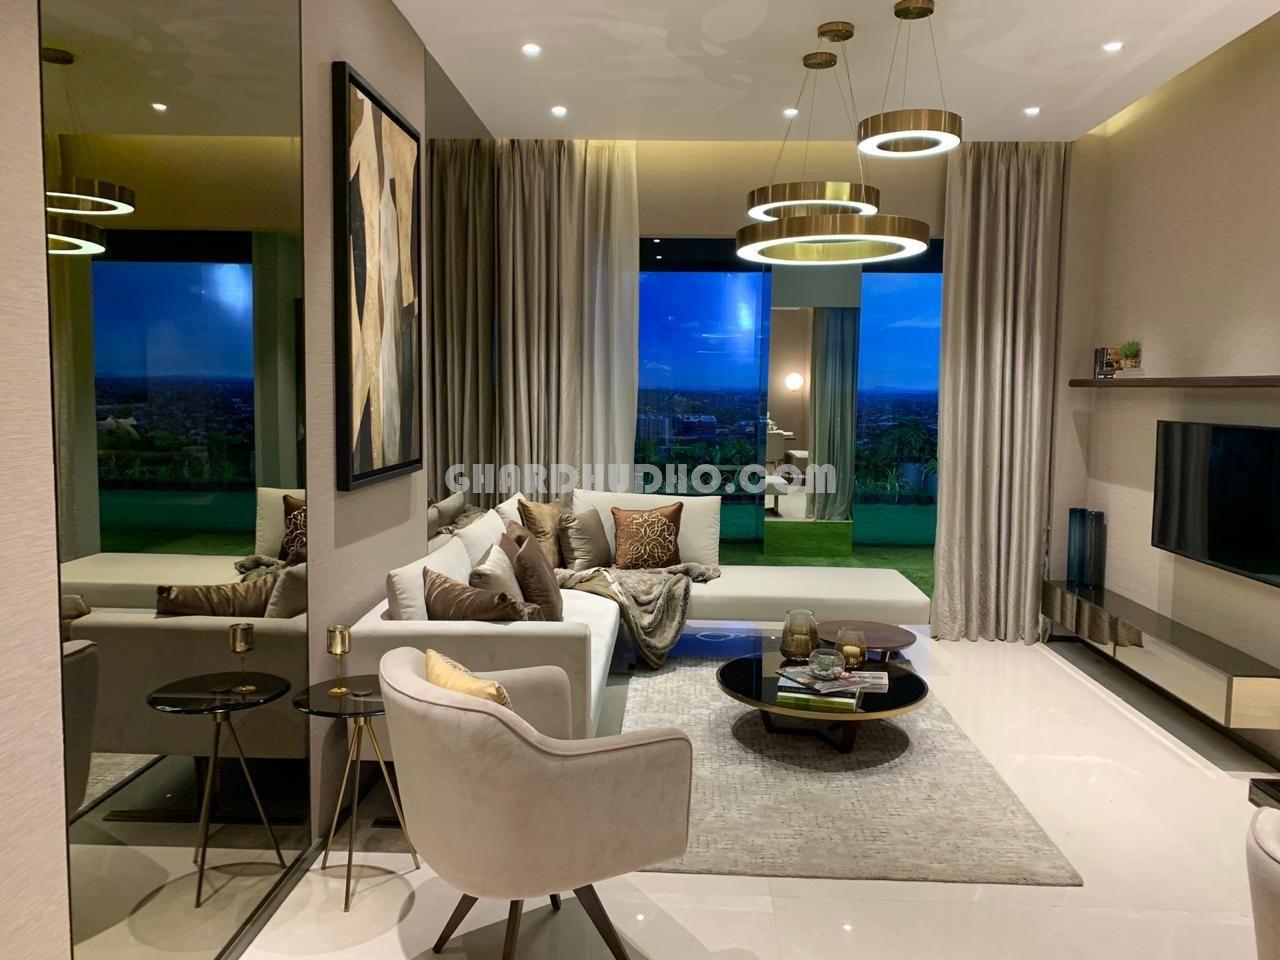 Sunteck City : Premium Luxury 2/3 BHK Apartment For Sale In Goregaon Mumbai